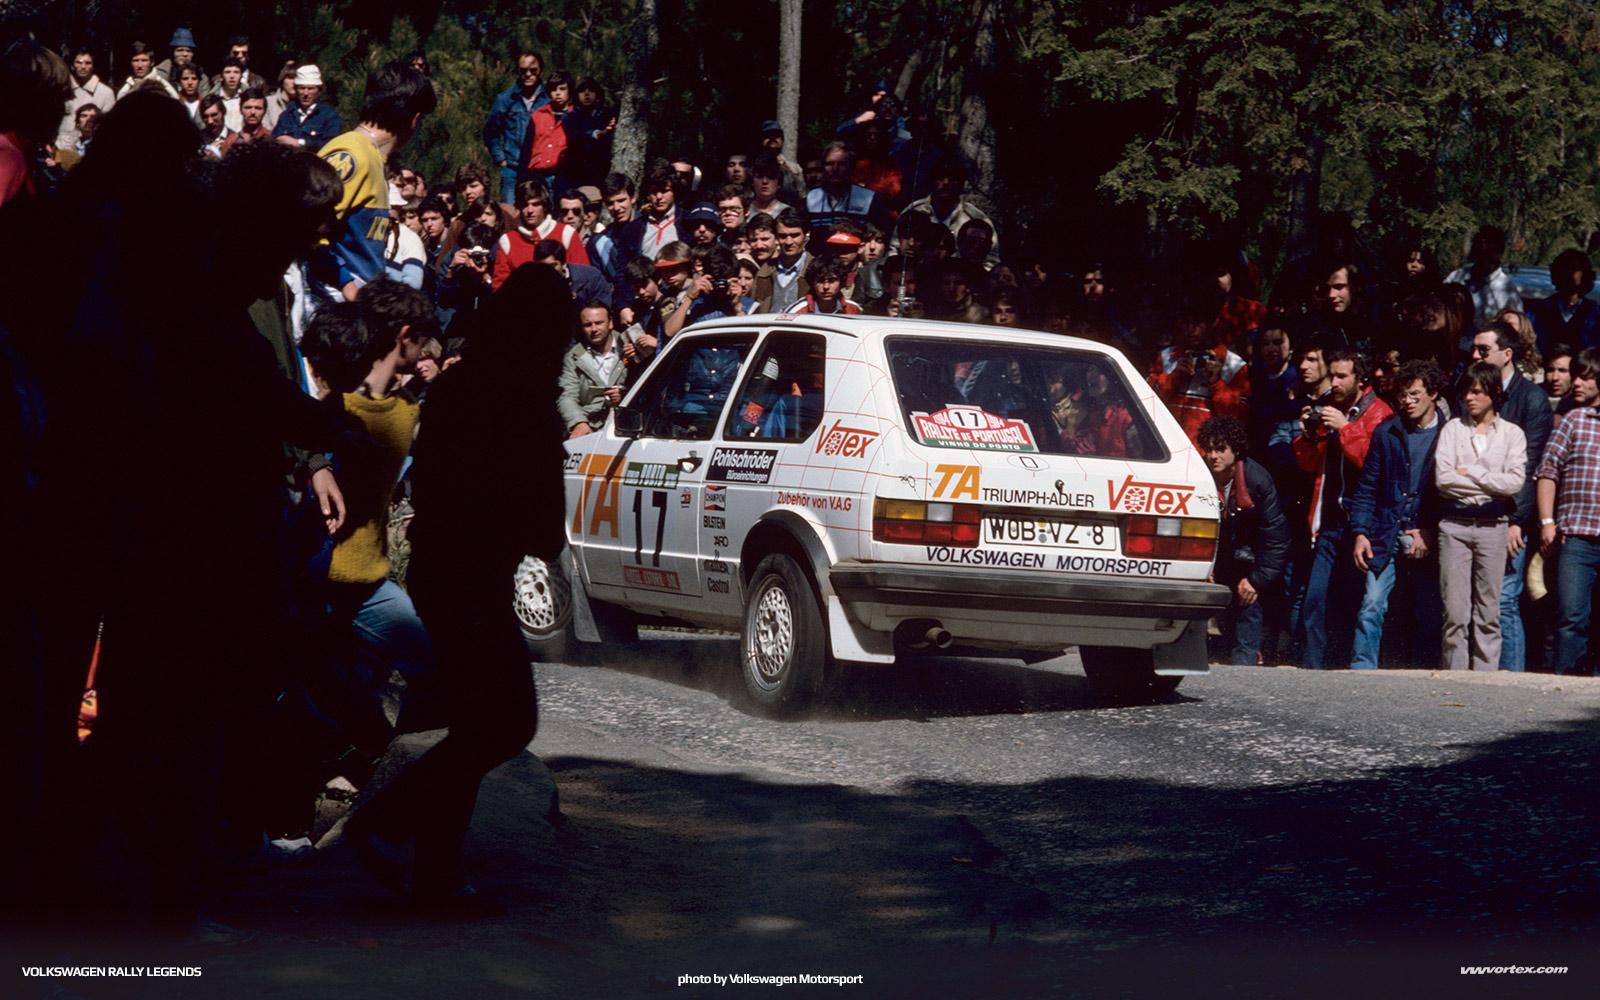 volkswagen-rally-legends-395